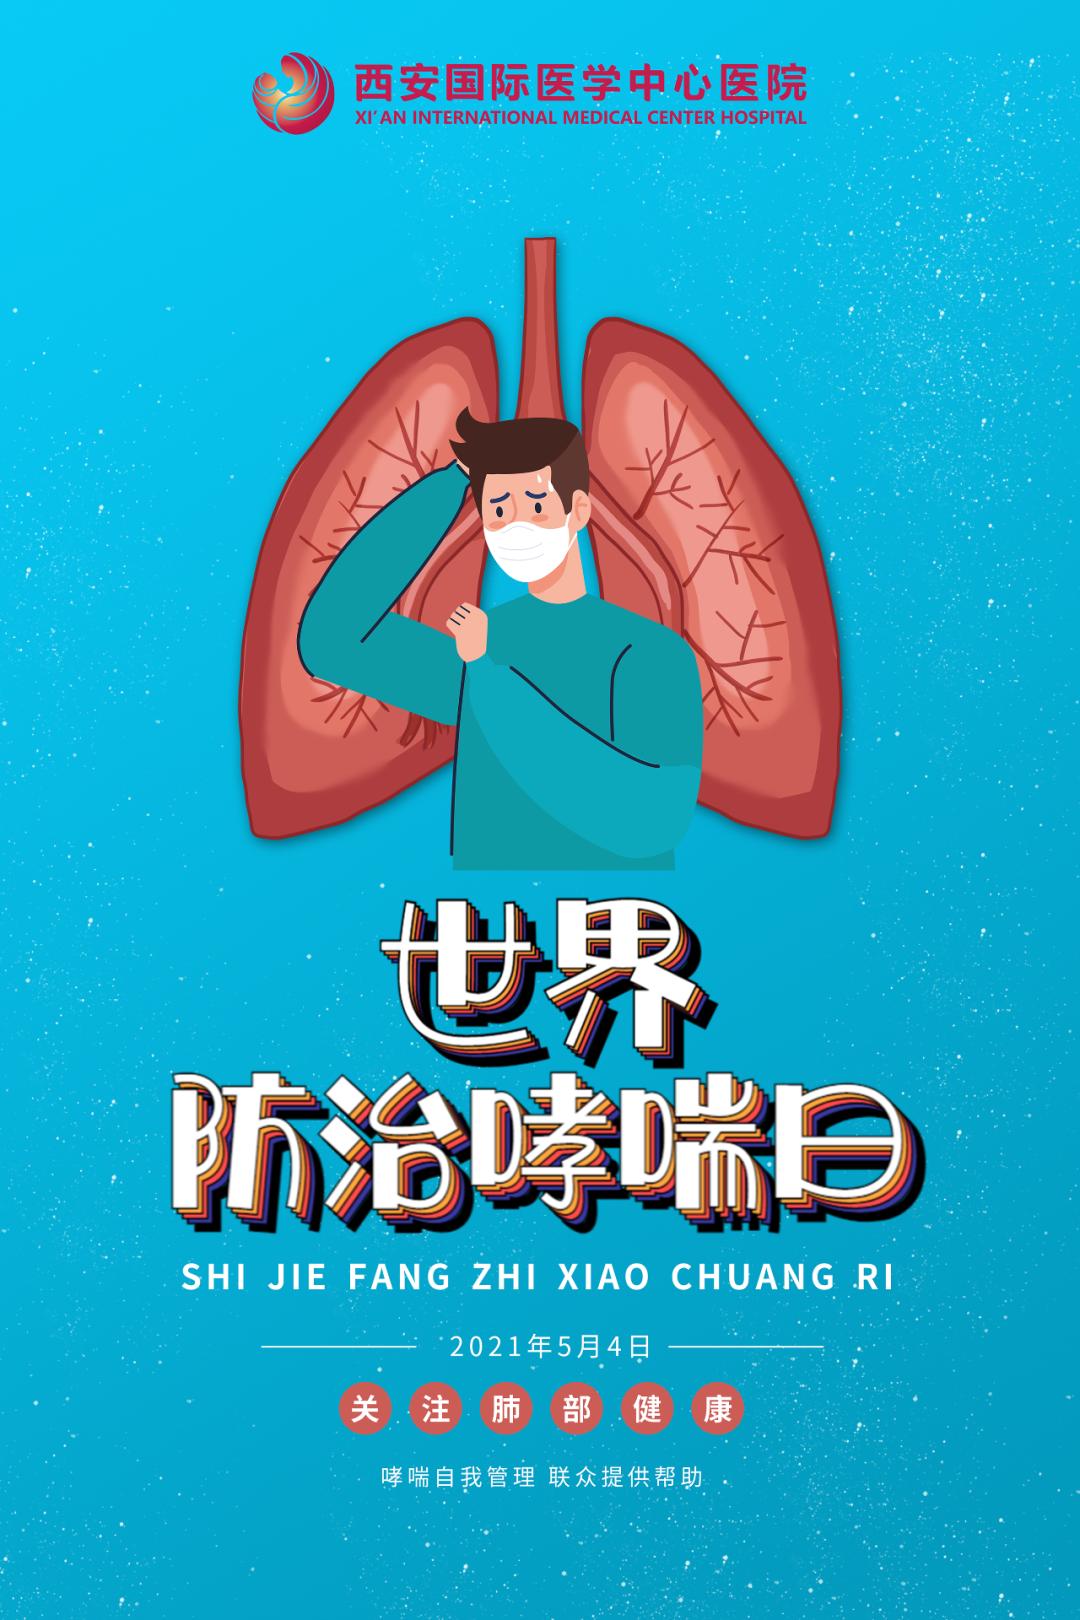 世界防治哮喘日|了解哮喘「幕后元凶」